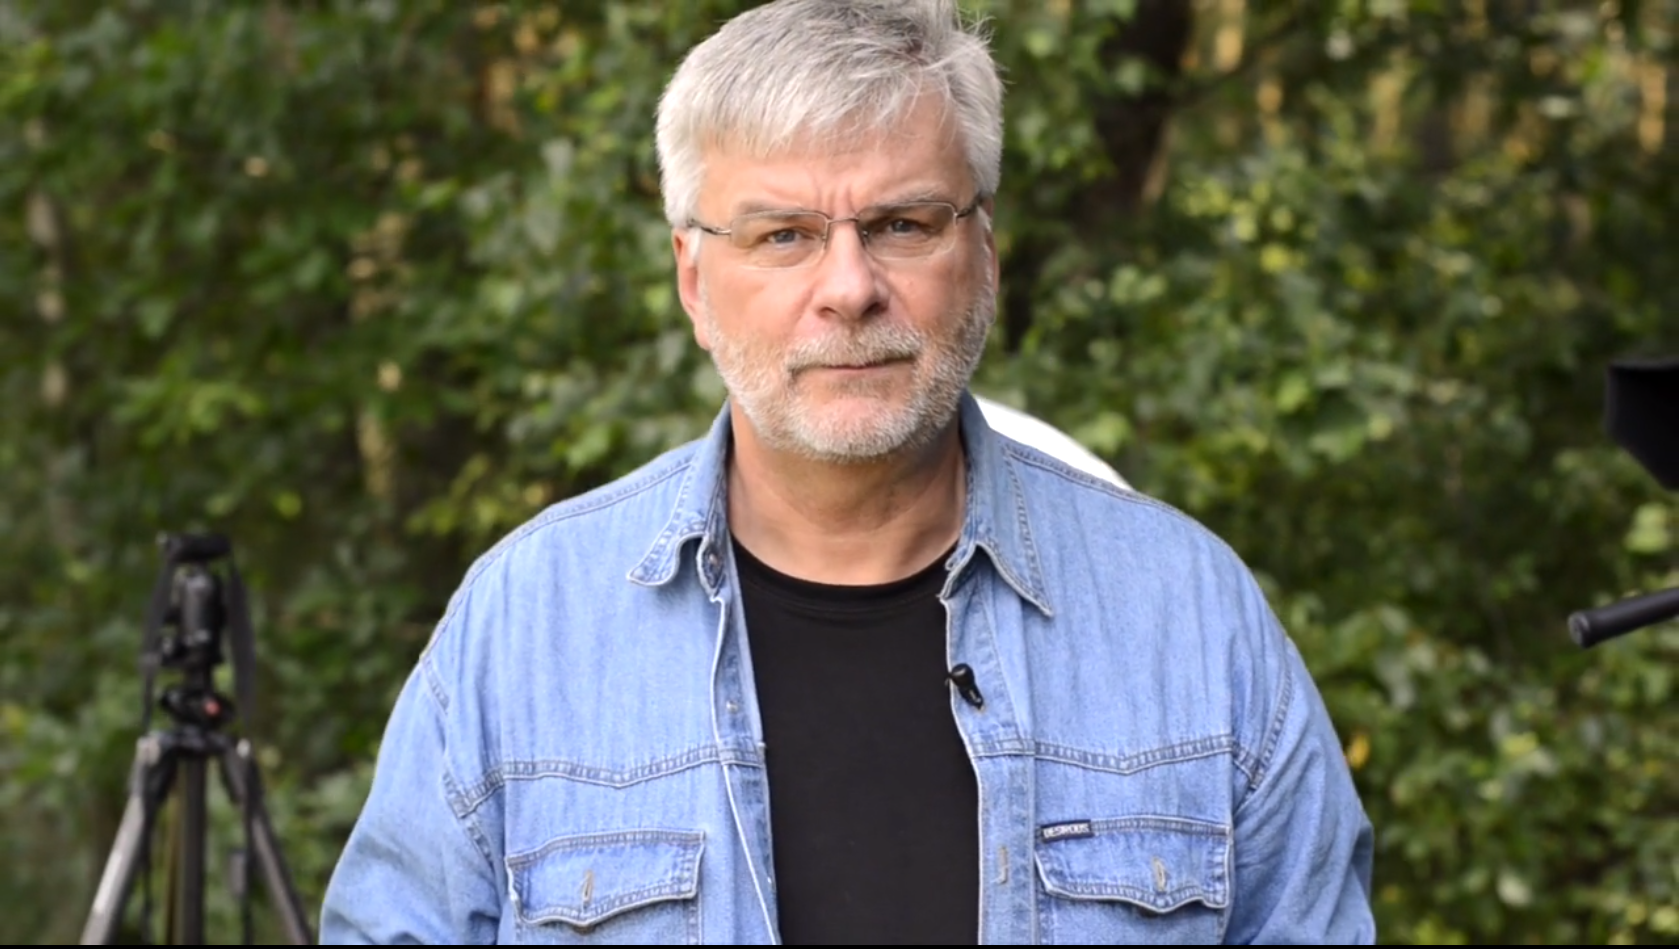 Obraz przedstawiający autora kursu fotografii online dla początkujących - Marka Waśkiela.